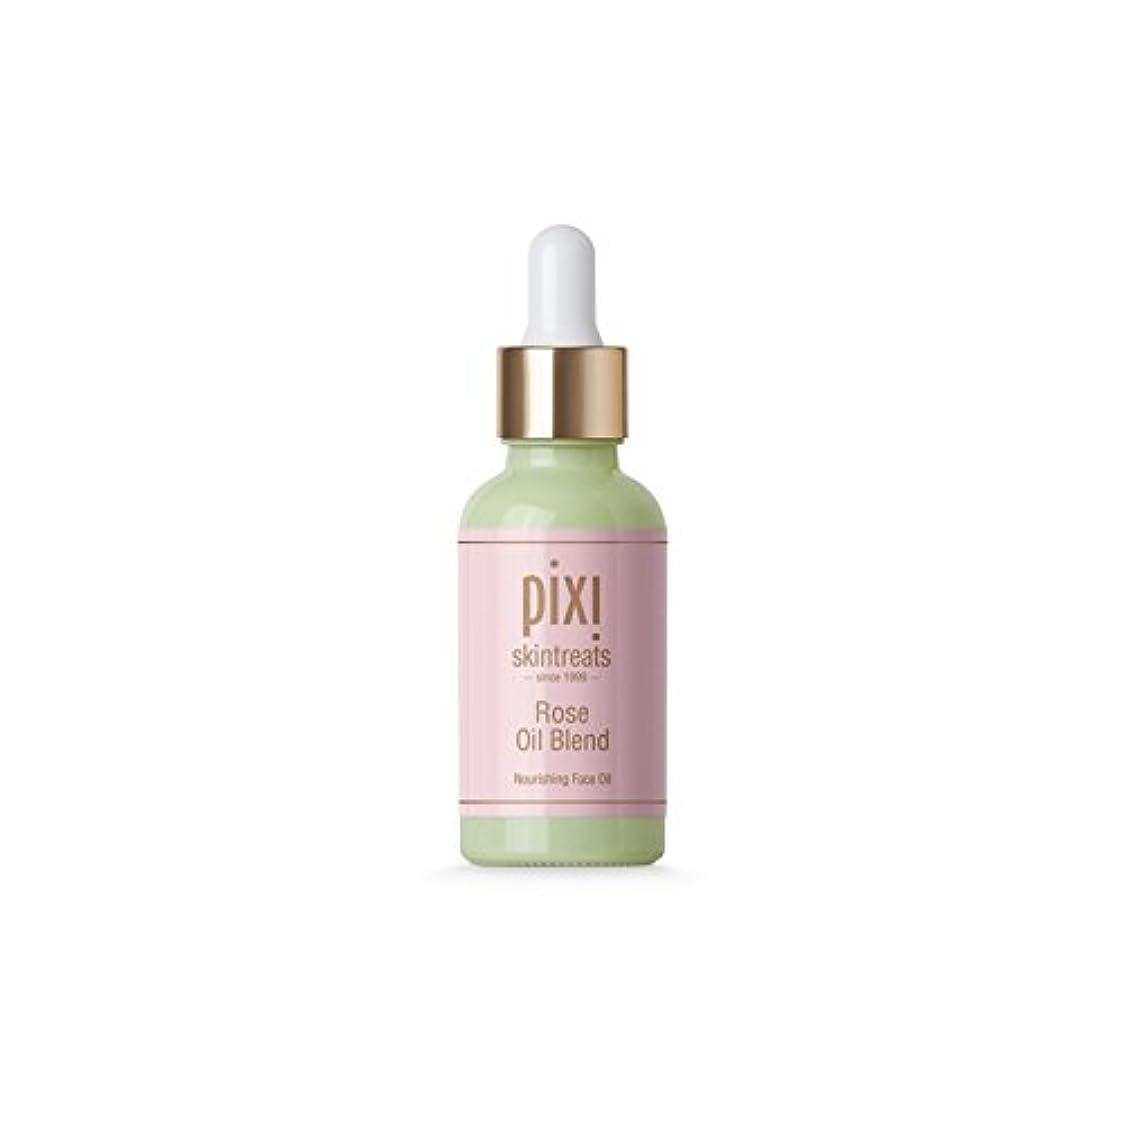 ファッション認可精神医学は、油ブレンドをバラ x4 - Pixi Rose Oil Blend (Pack of 4) [並行輸入品]